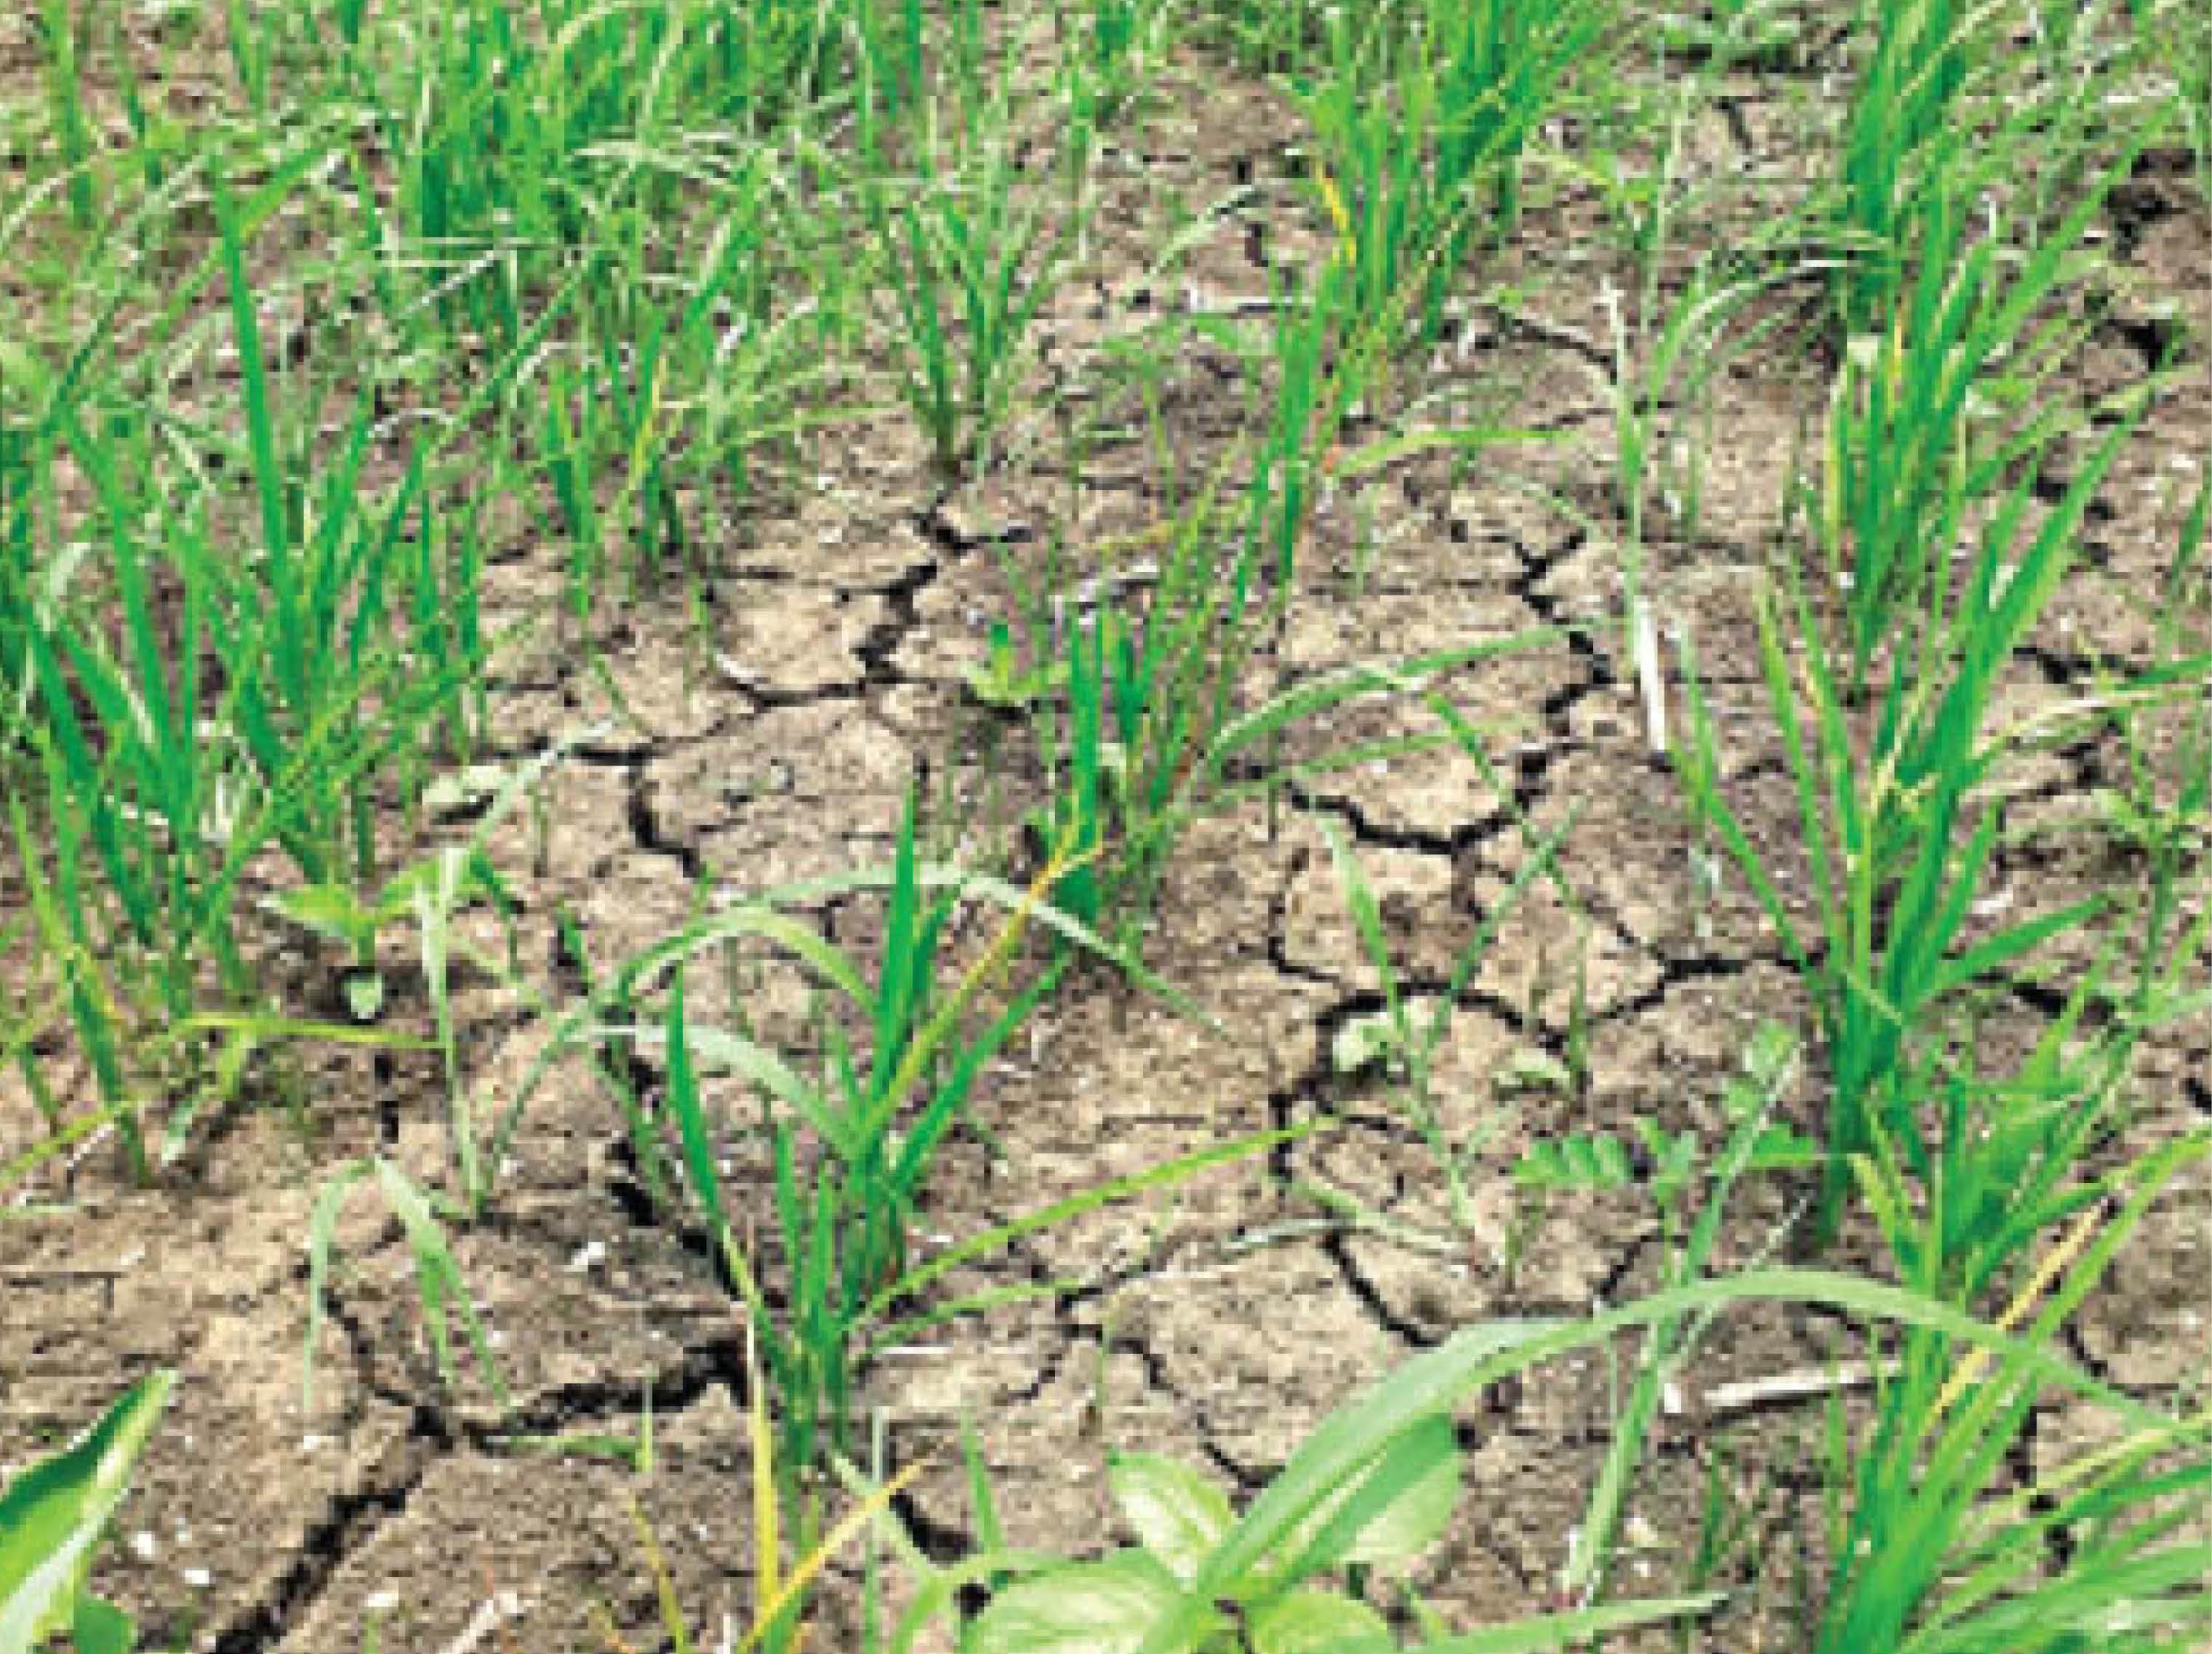 जून में बोवनी के बाद खेतों में ऐसी दरारें आ गई थीं - Dainik Bhaskar